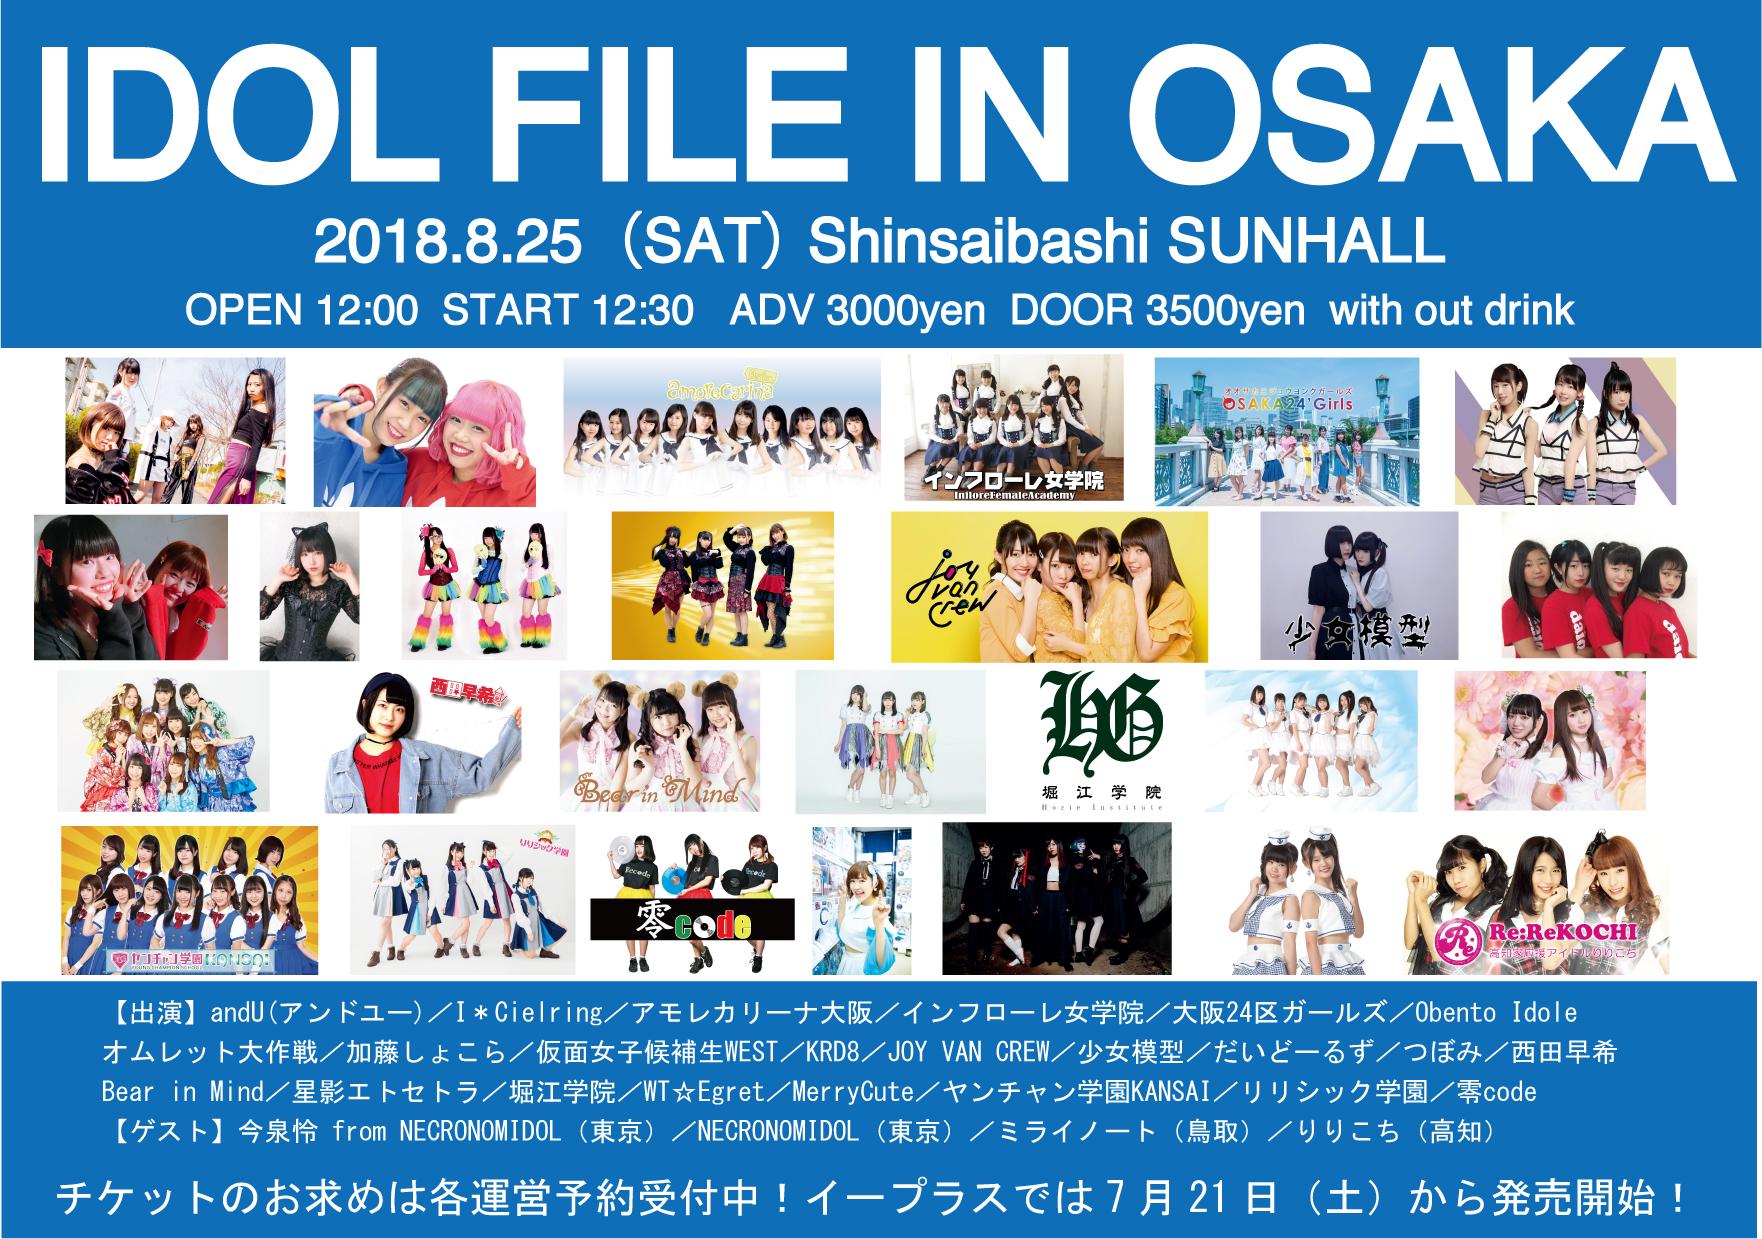 【イベント情報】2018年8月25日(土)西田早希 / IDOL FILE IN OSAKA